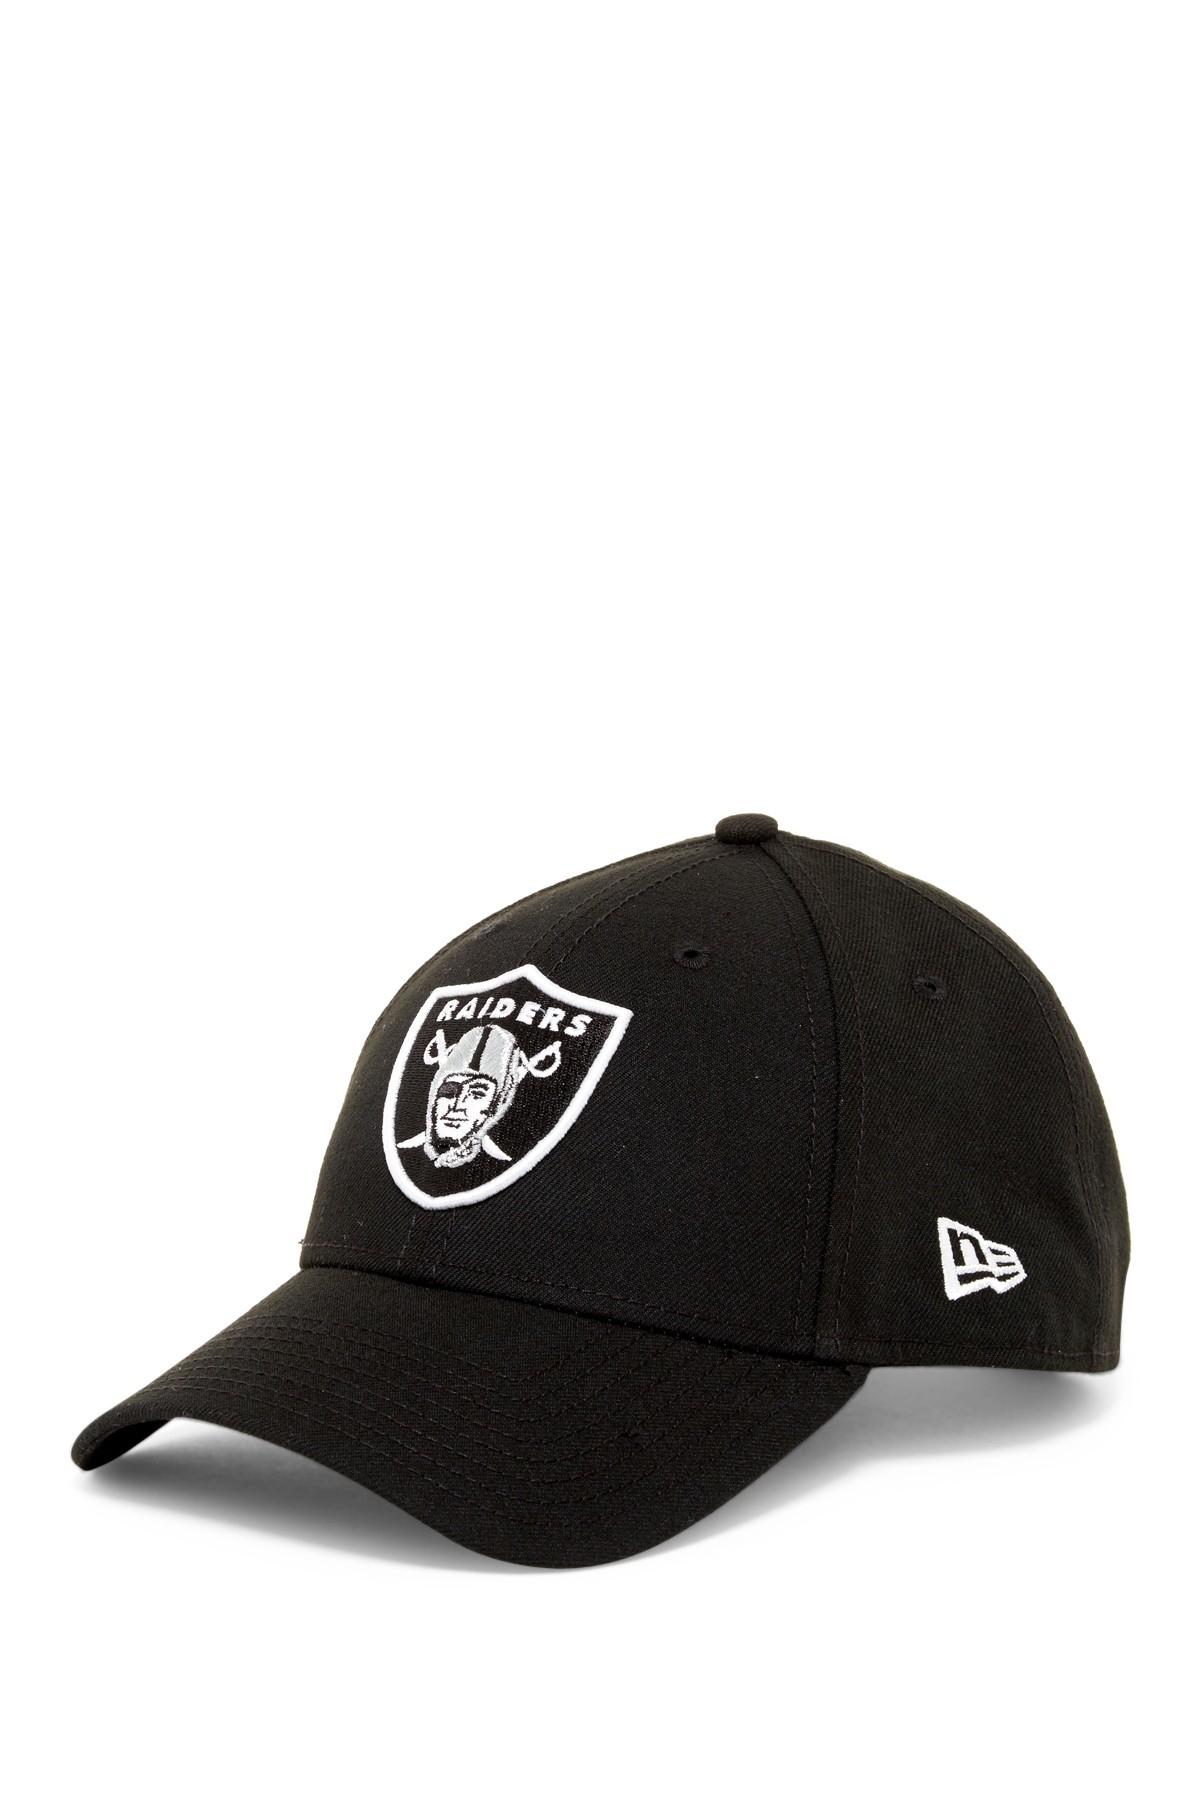 Ktz Nfl Oakland Raiders Black Twill Football Cap In Black